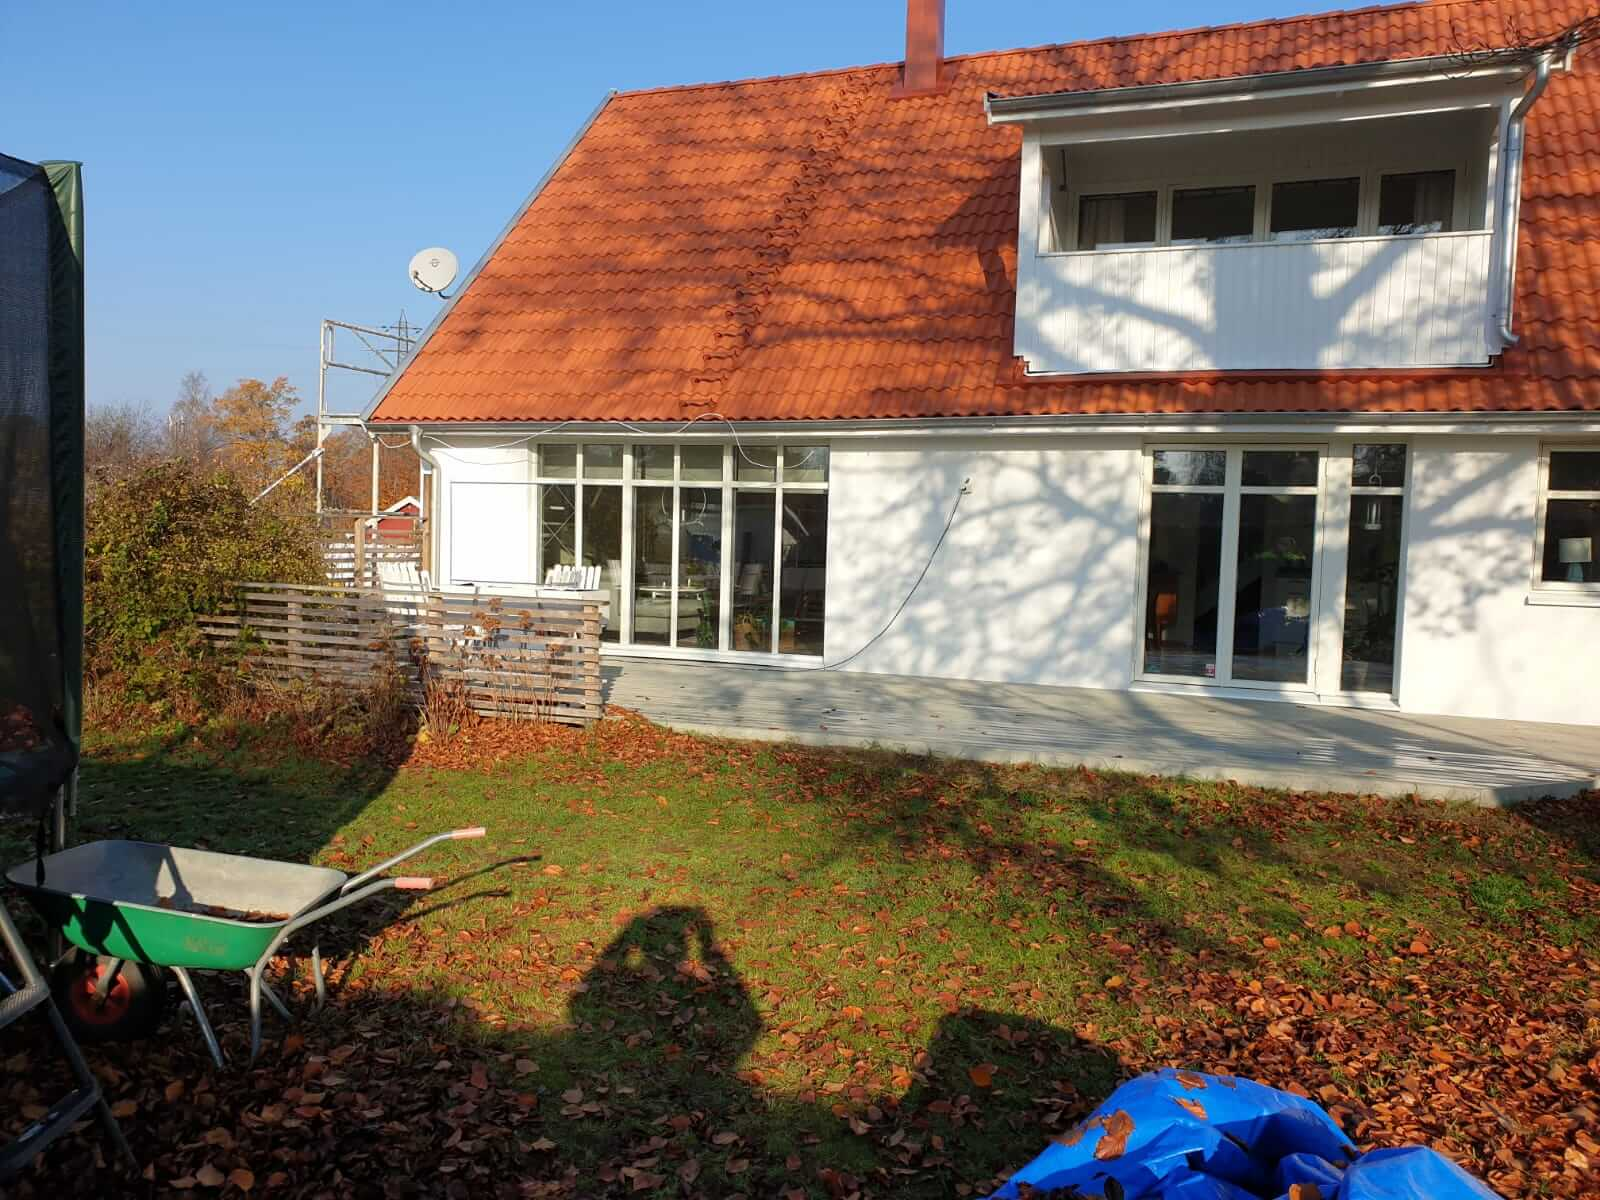 tegel och trärenovering av Blekinge fasad ab